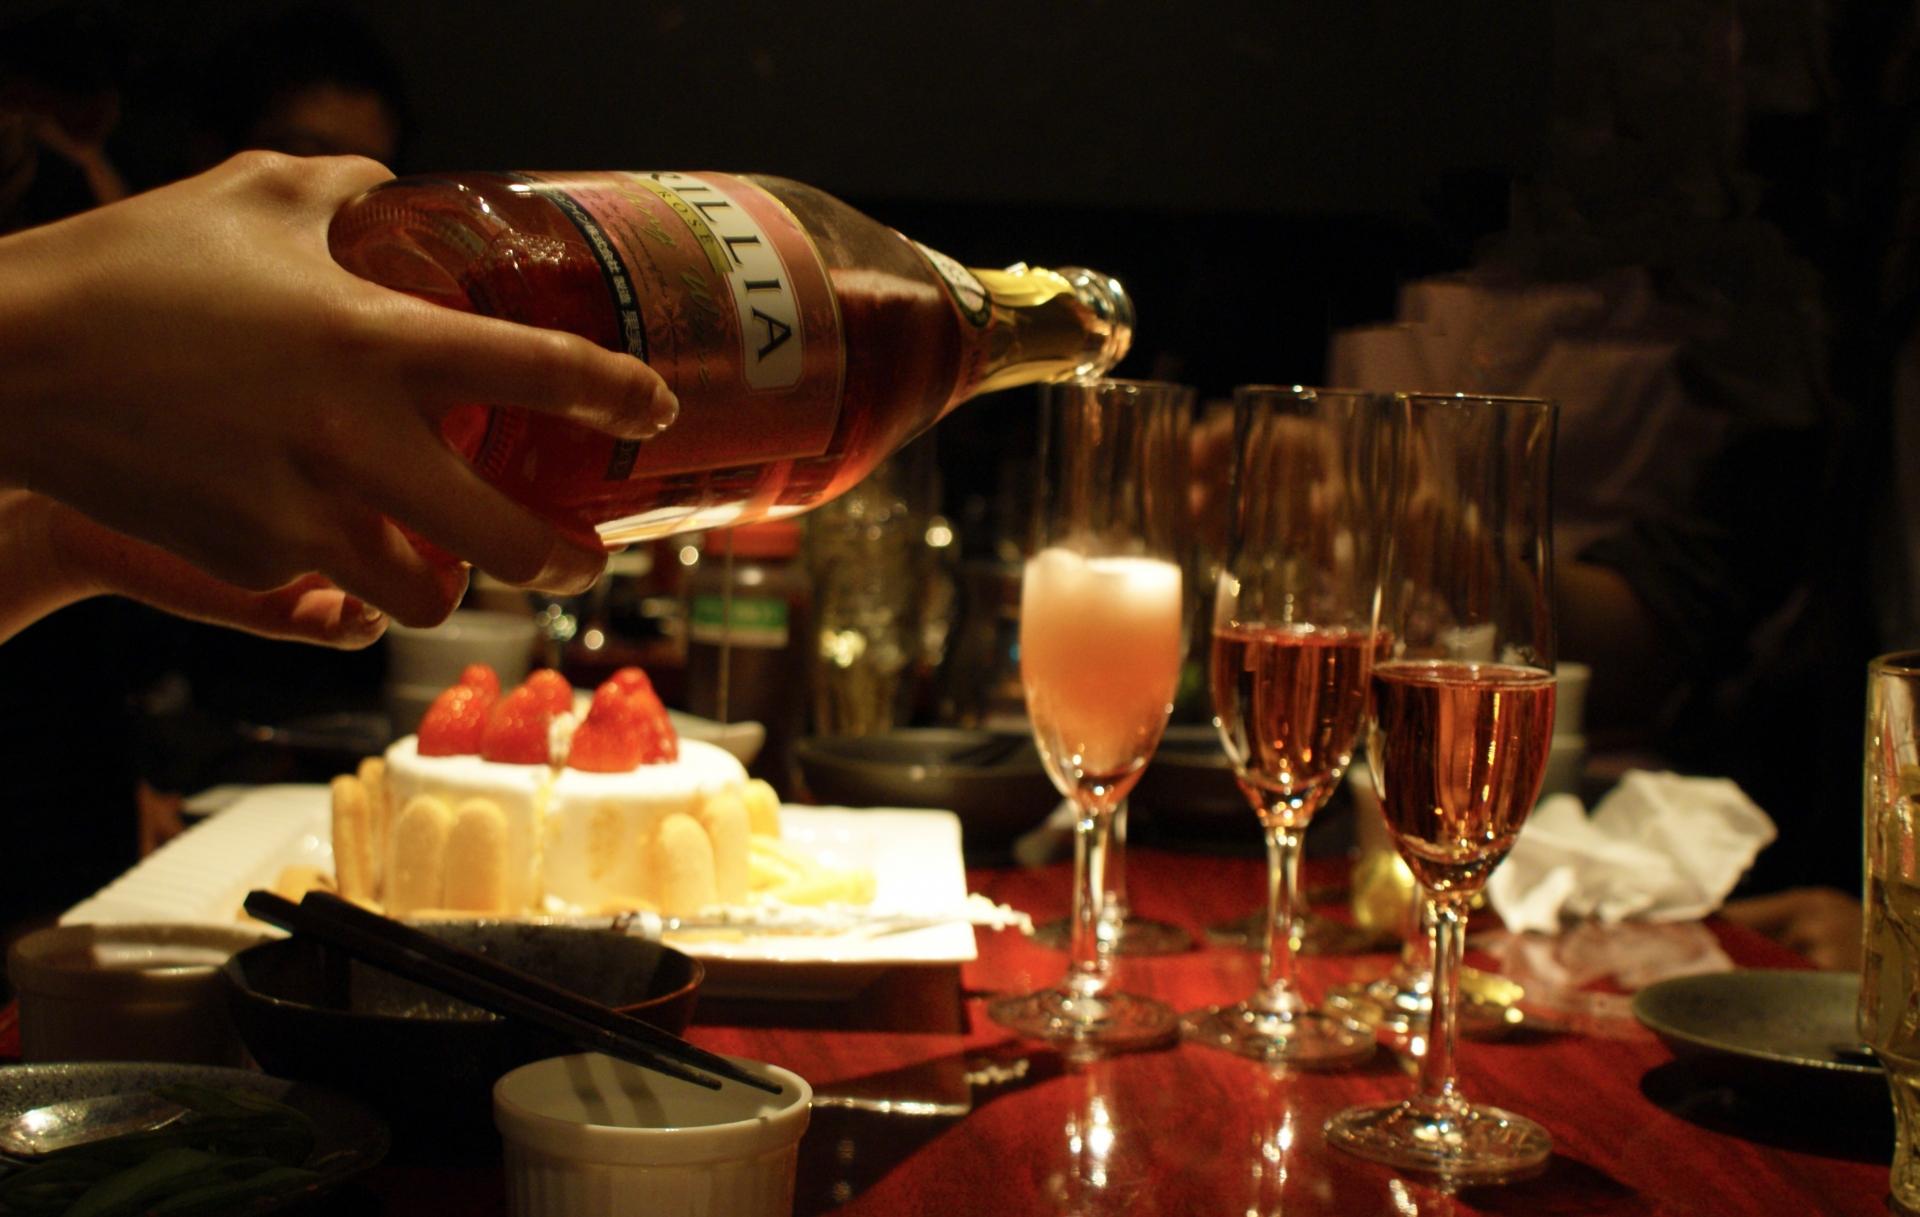 夜の女子会におすすめ!ハイティーが楽しめる東京のホテル特集